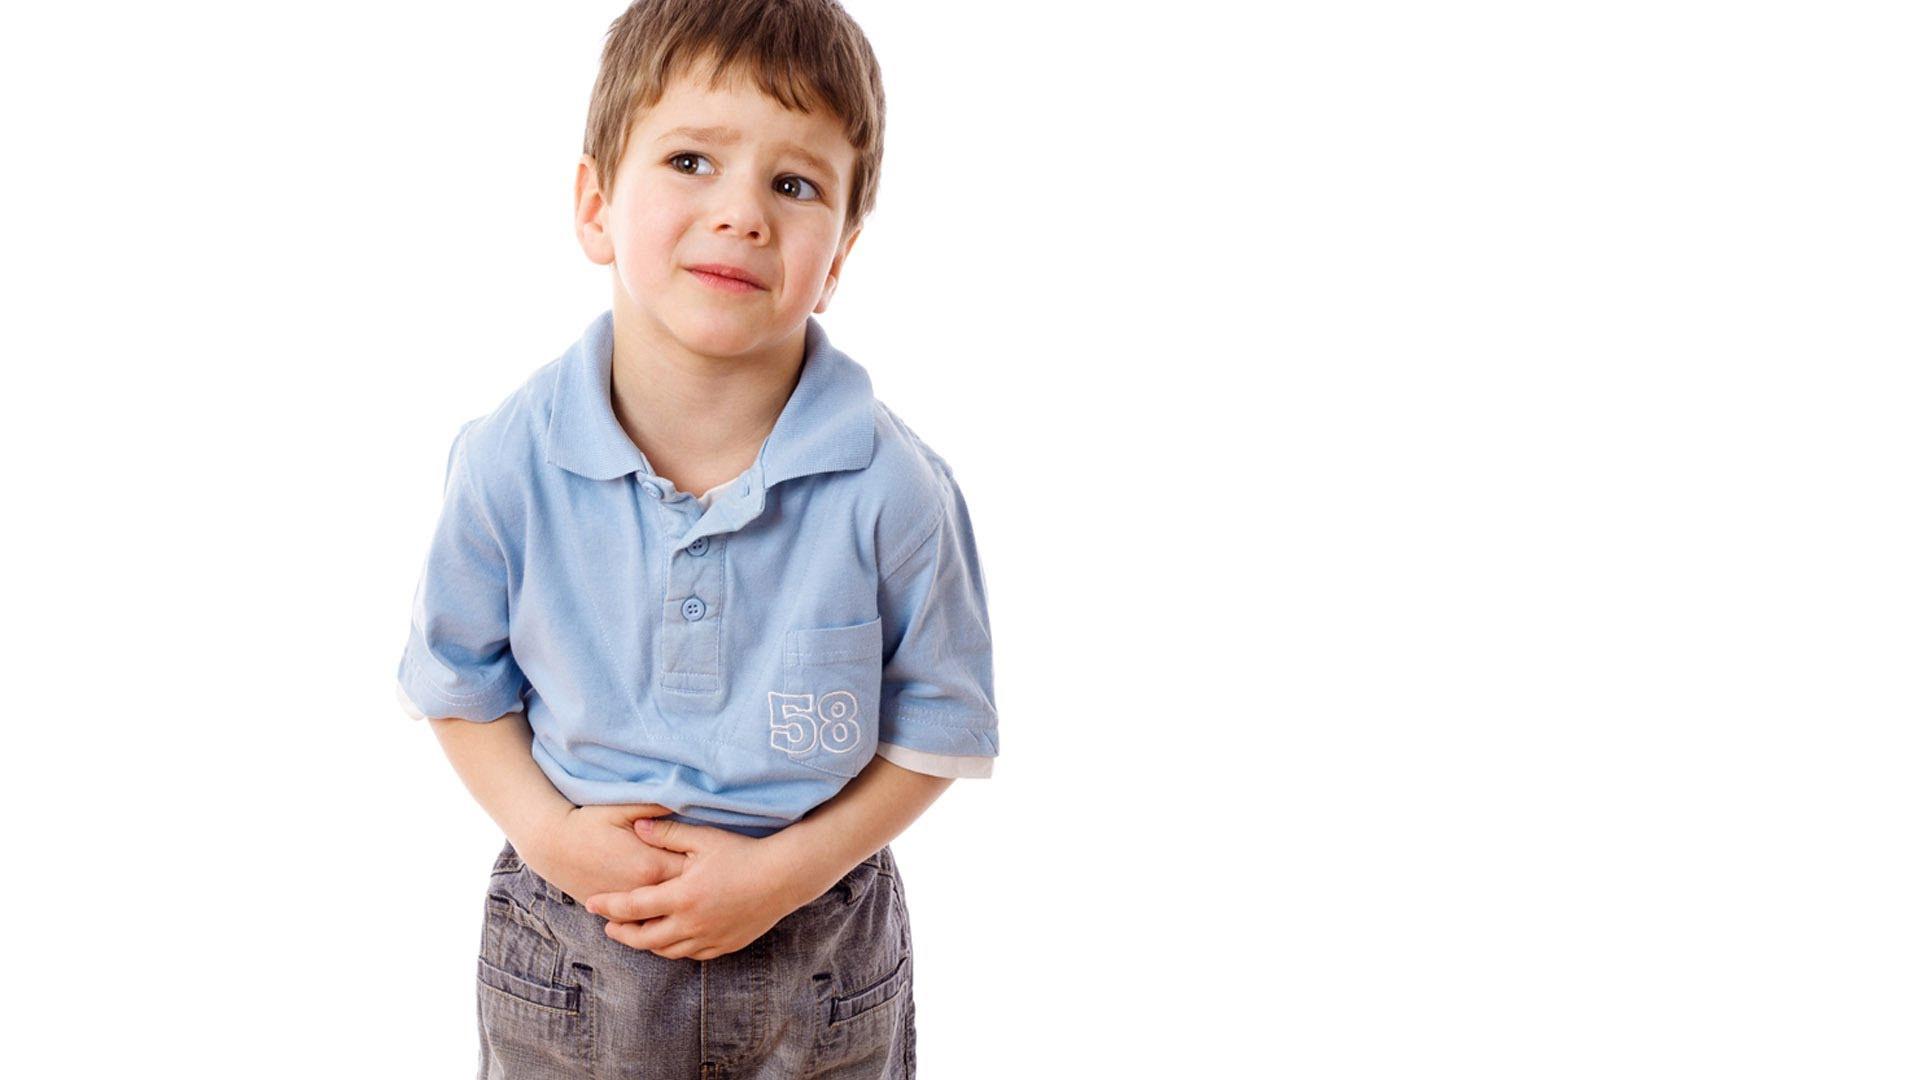 kirmėlių gydymas vaikams